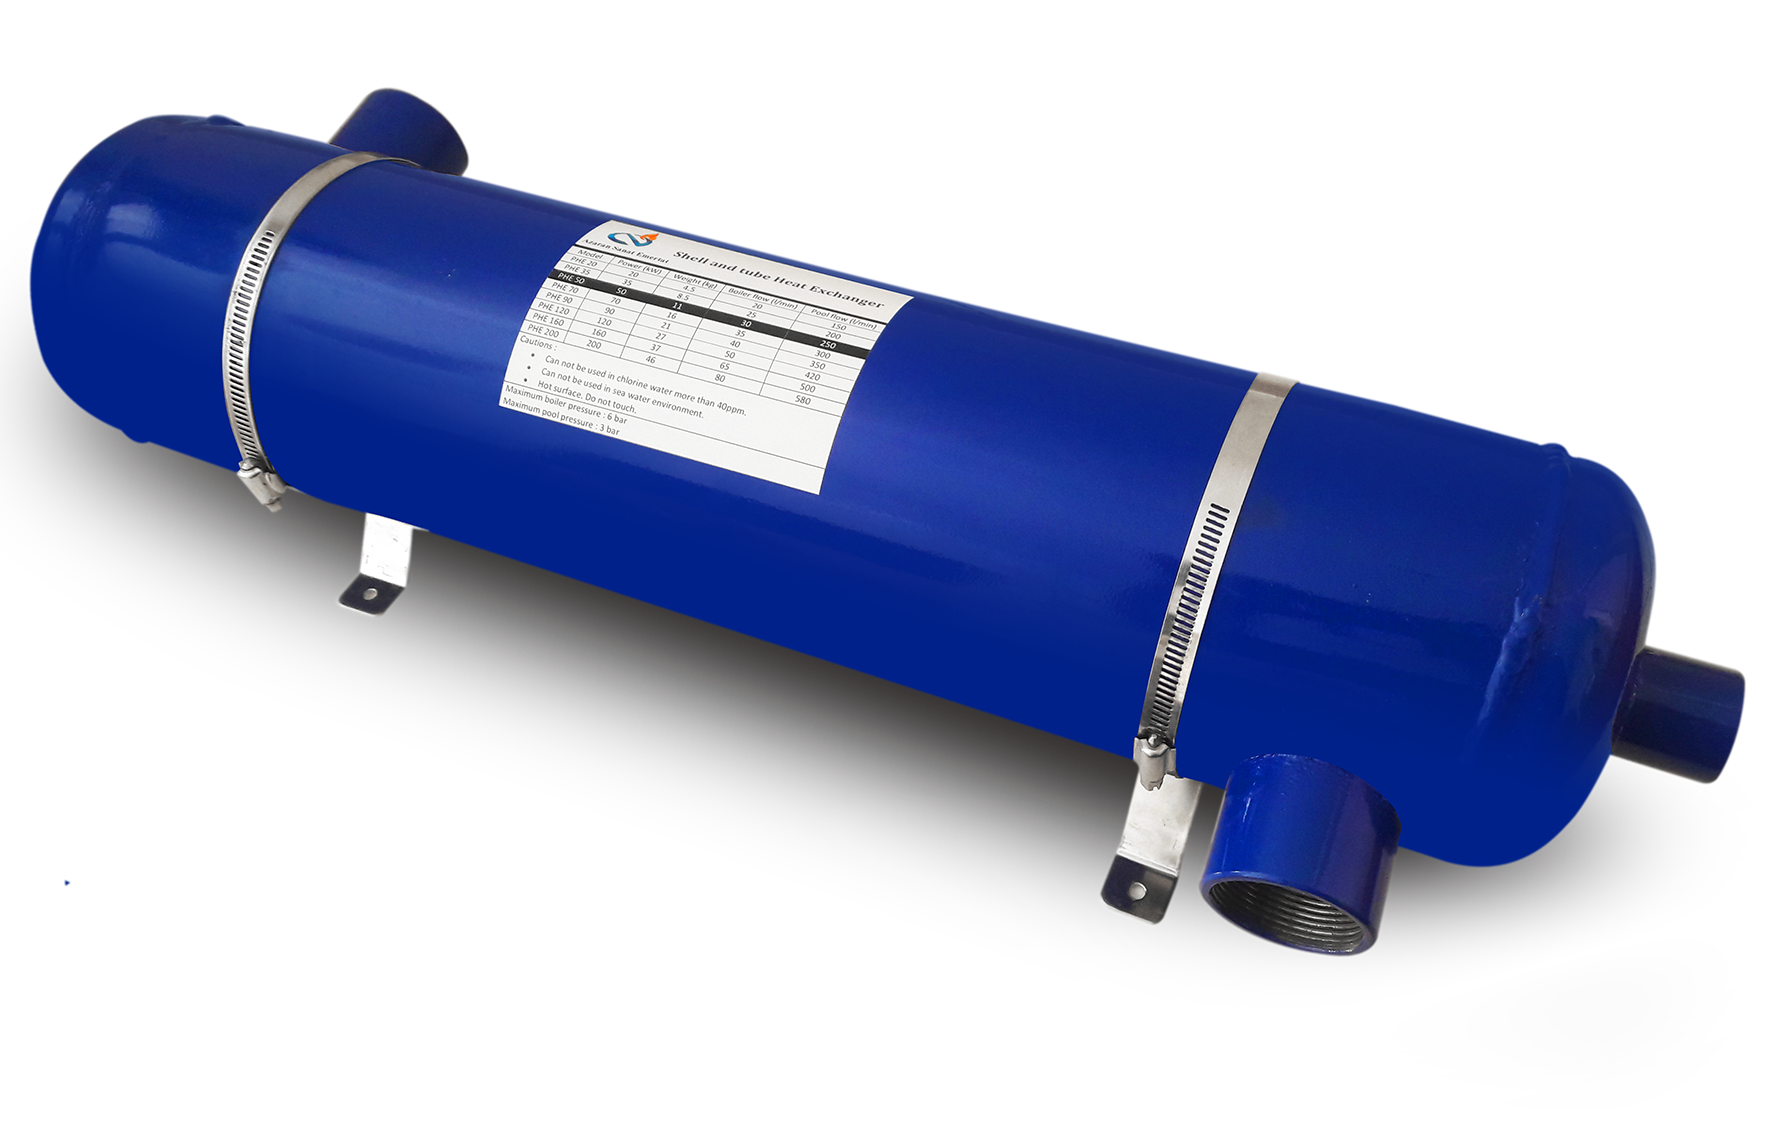 مبدل حرارتی استخر PHE 200 | لیست قیمت + خرید | بالاترین کیفیت | فروشگاه  آذران استور